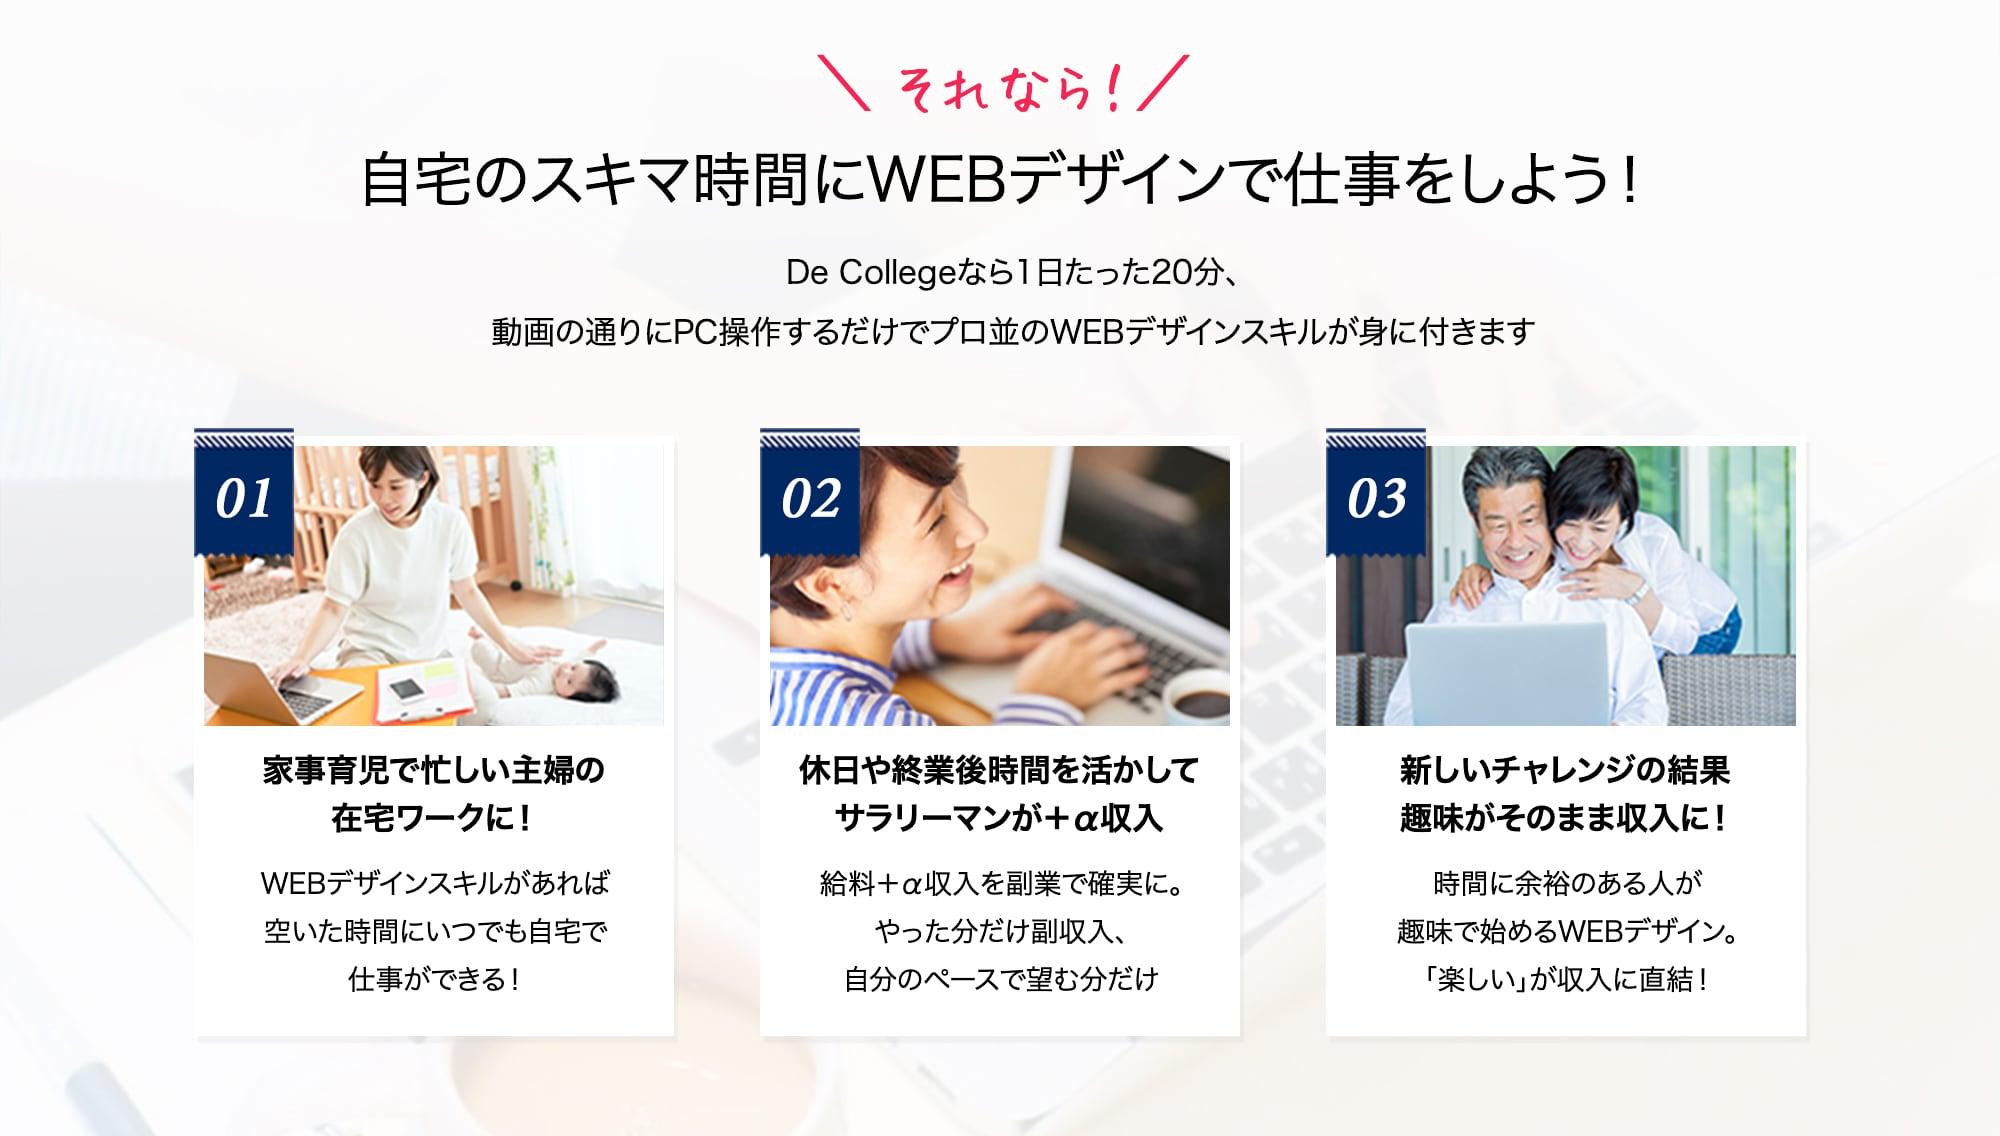 それなら、自宅のスキマ時間にWEBデザインで仕事をしよう!